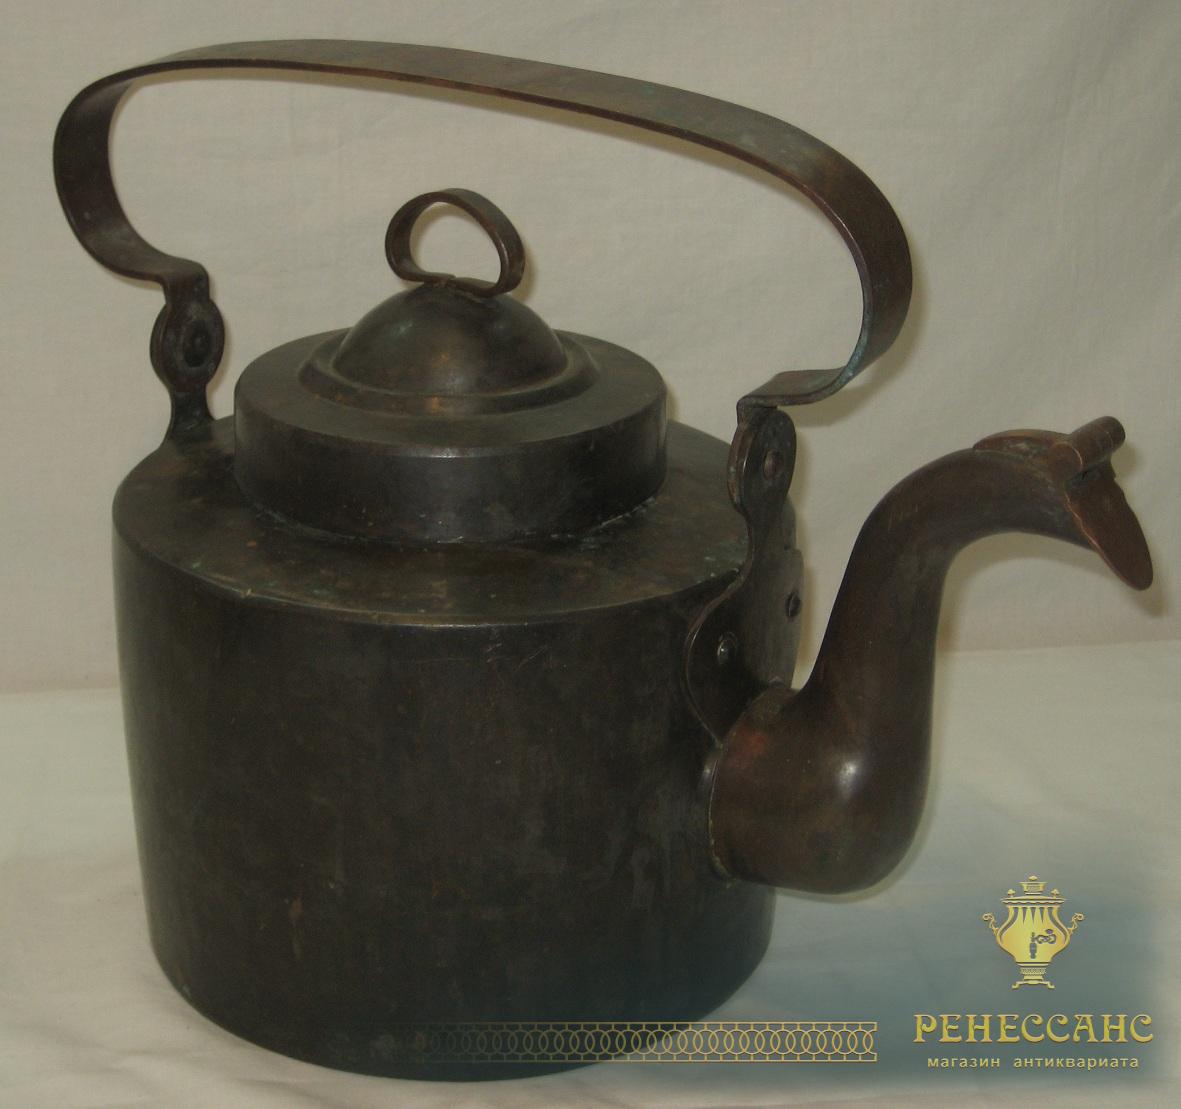 Чайник большой медный, на 7,5 литров, Россия 19 век №1878